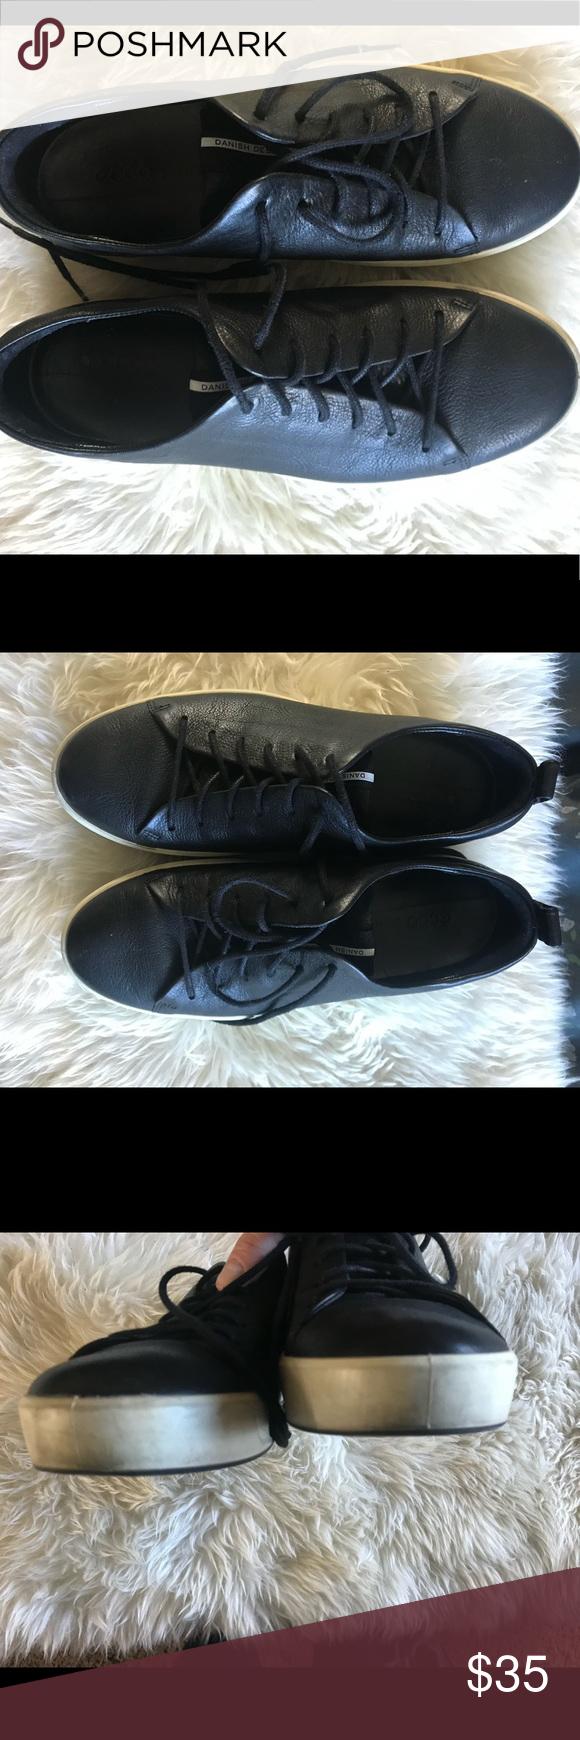 Black shoes, Ecco shoes, Danish design